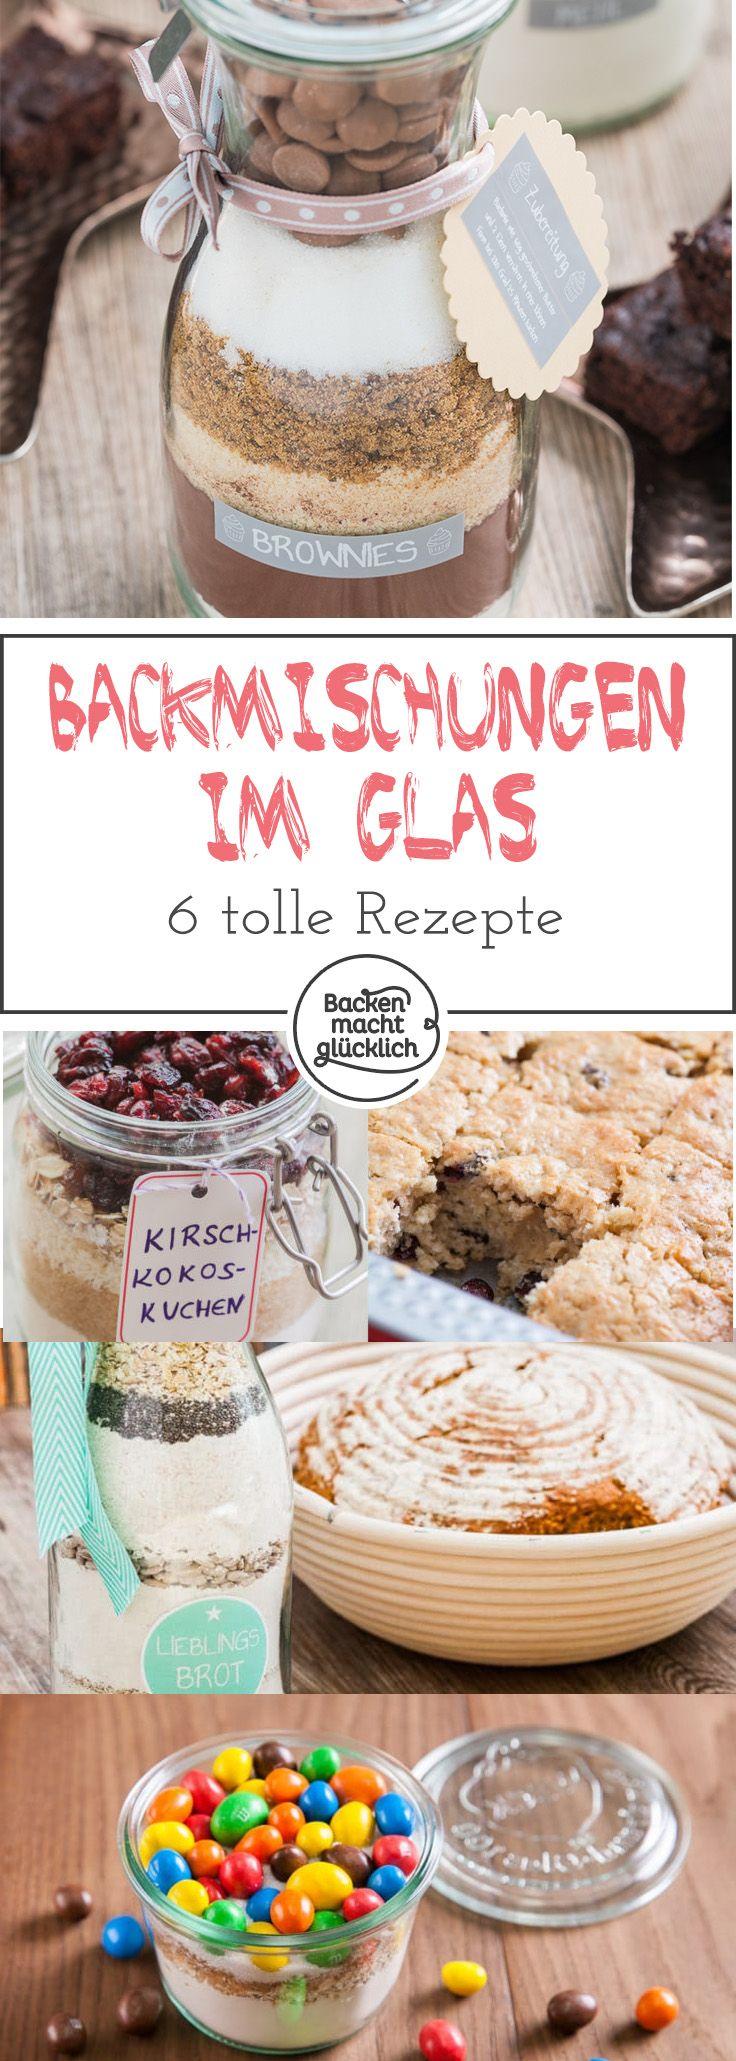 6 tolle Rezepte für Backmischungen im Glas - da ist ein Geschenk für jeden Anlass dabei. Hier findet ihr nicht nur leckere Rezepte für Backmischungen, sondern auch eine Anleitung, damit das individuelle Geschenk besonders hübsch wird.